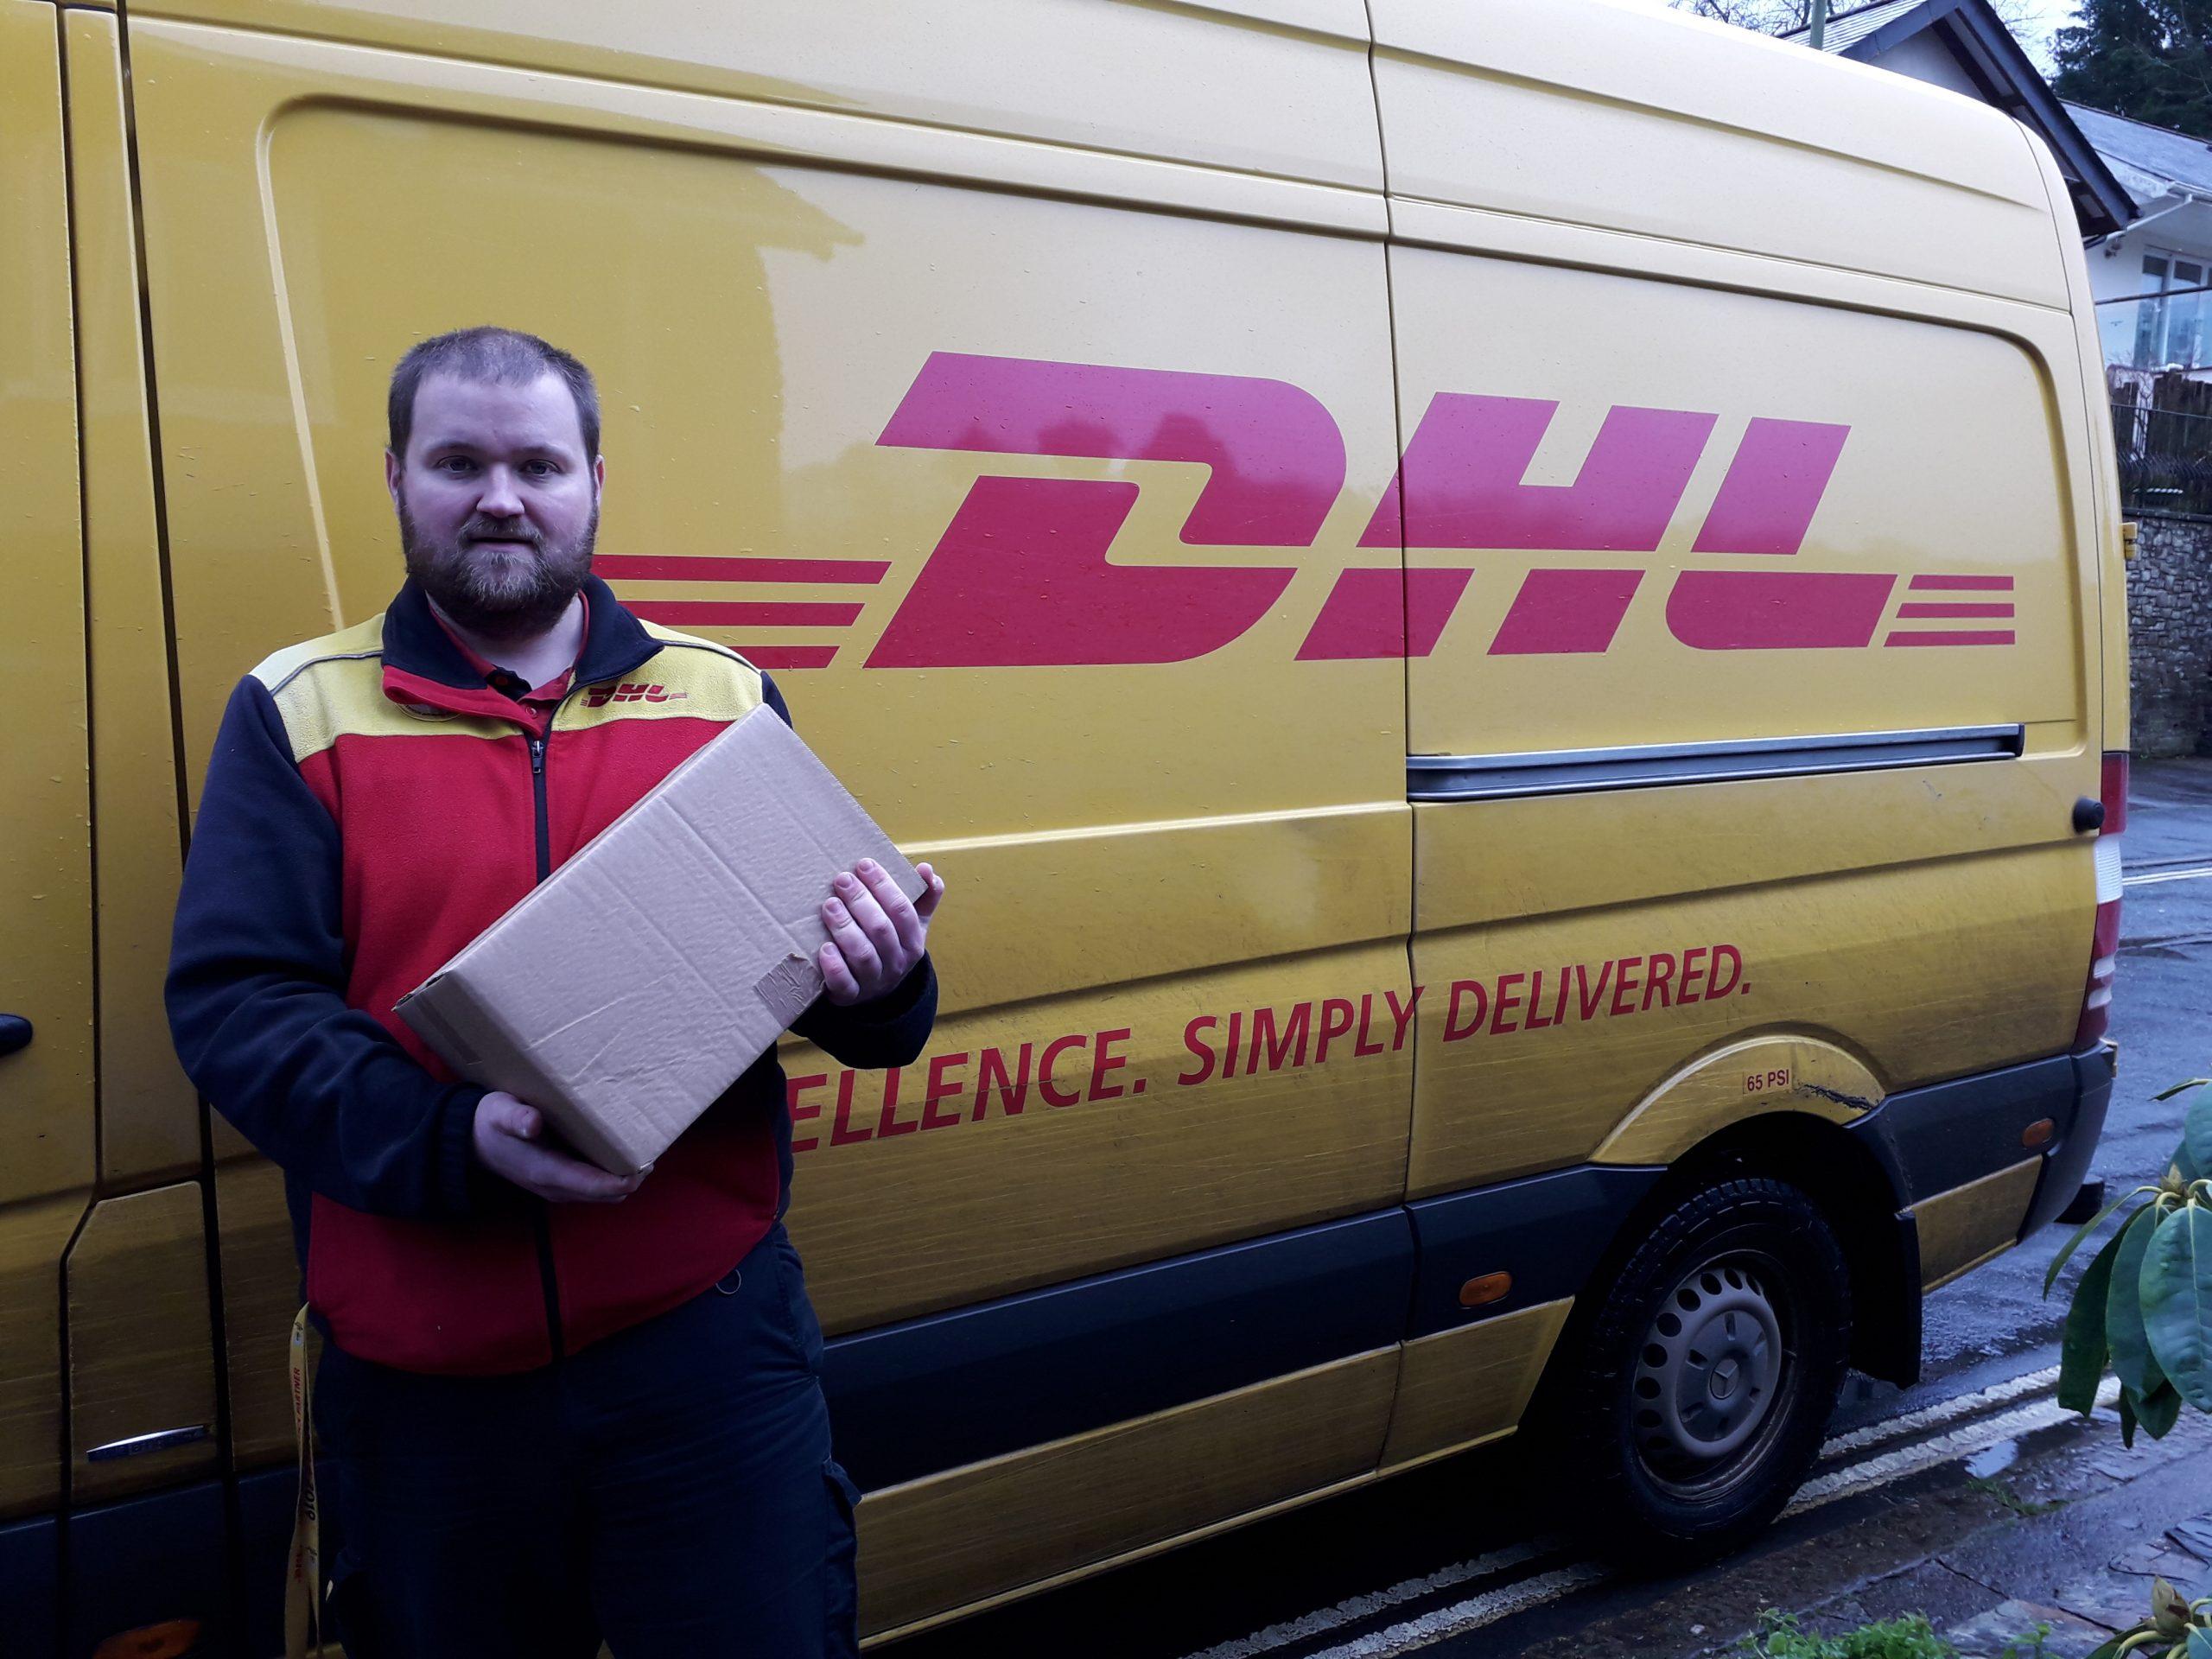 DHL driver & van